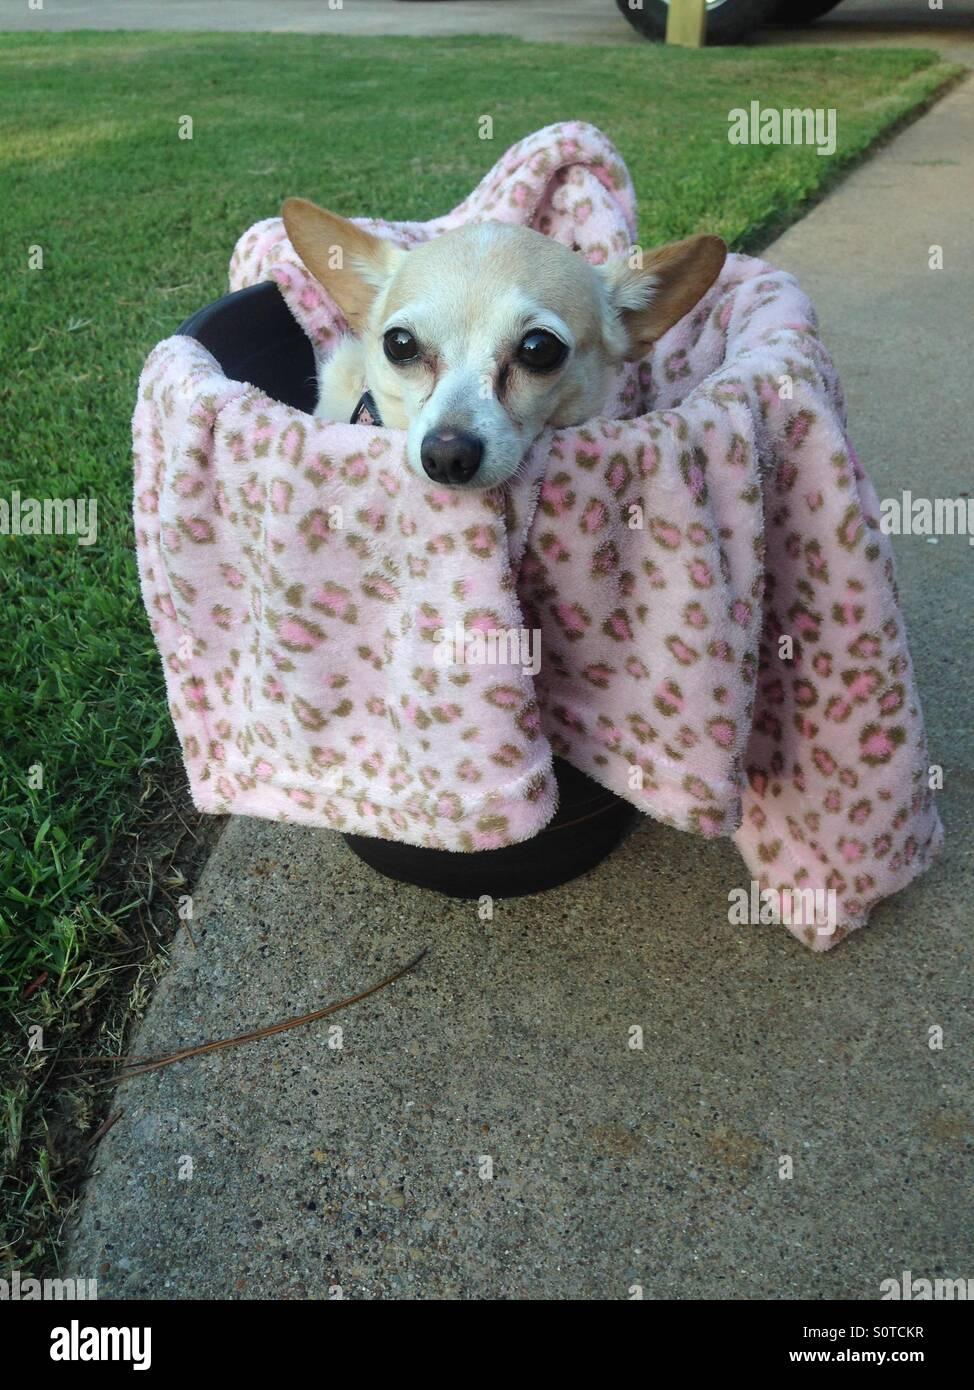 Comfy dog - Stock Image